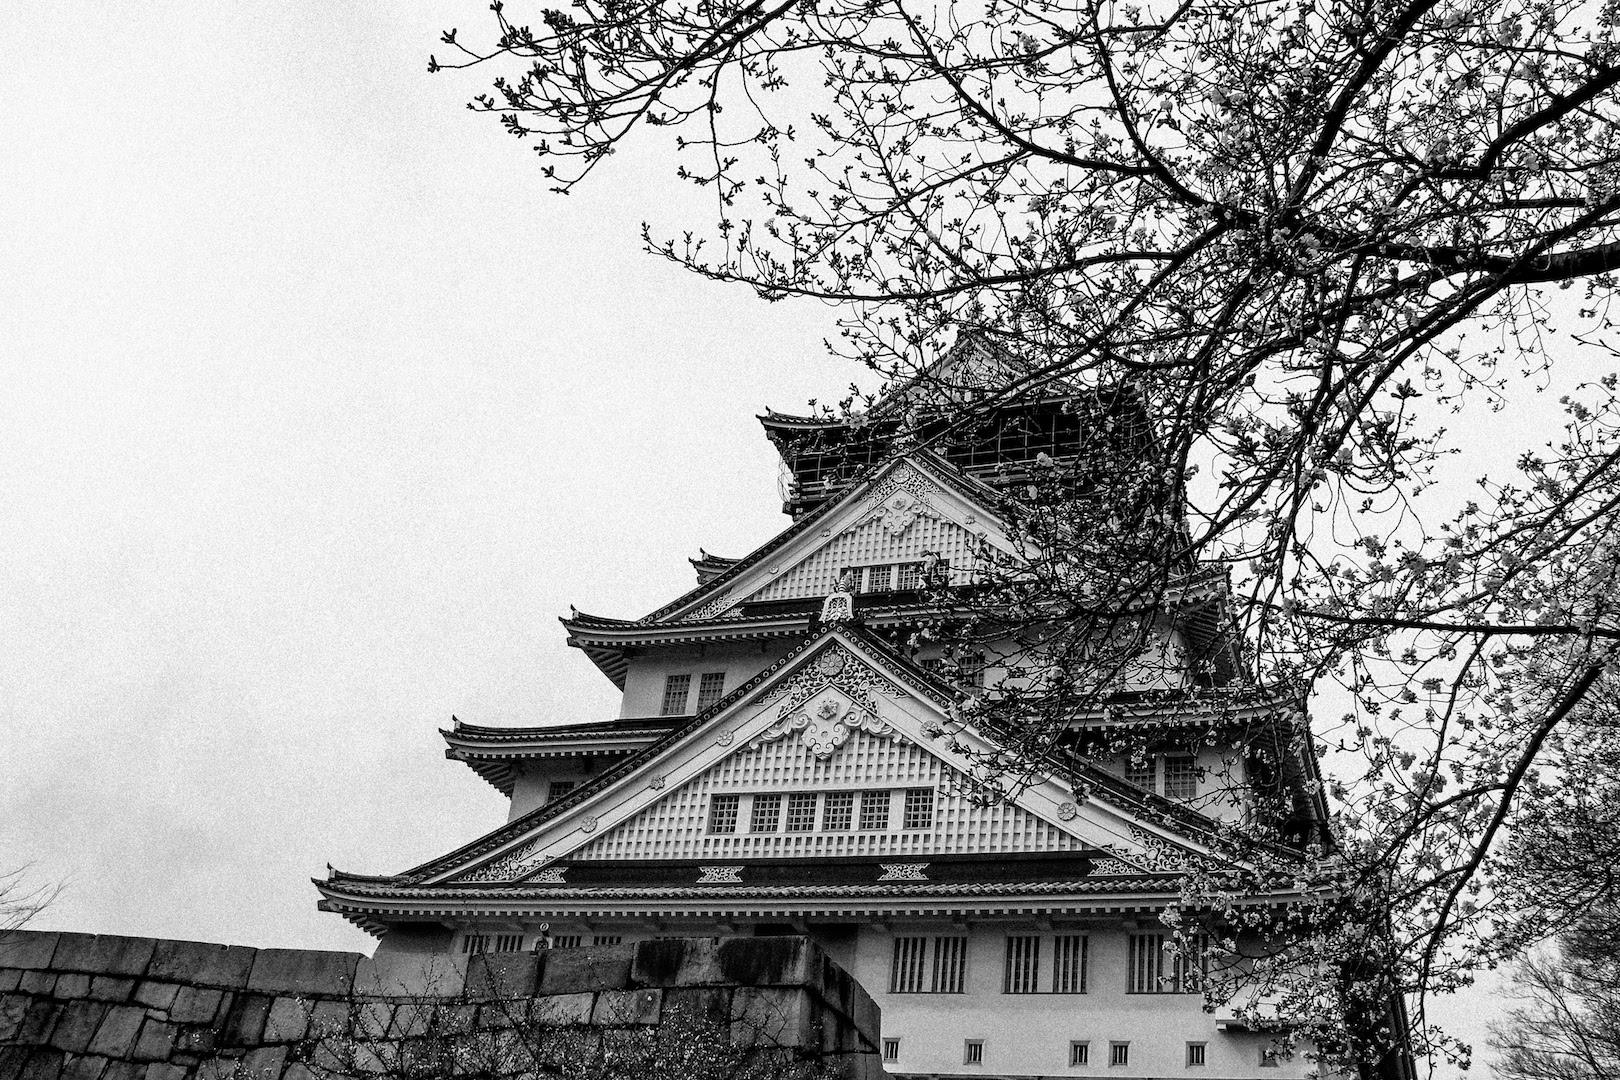 Giappone In Bianco E Nero